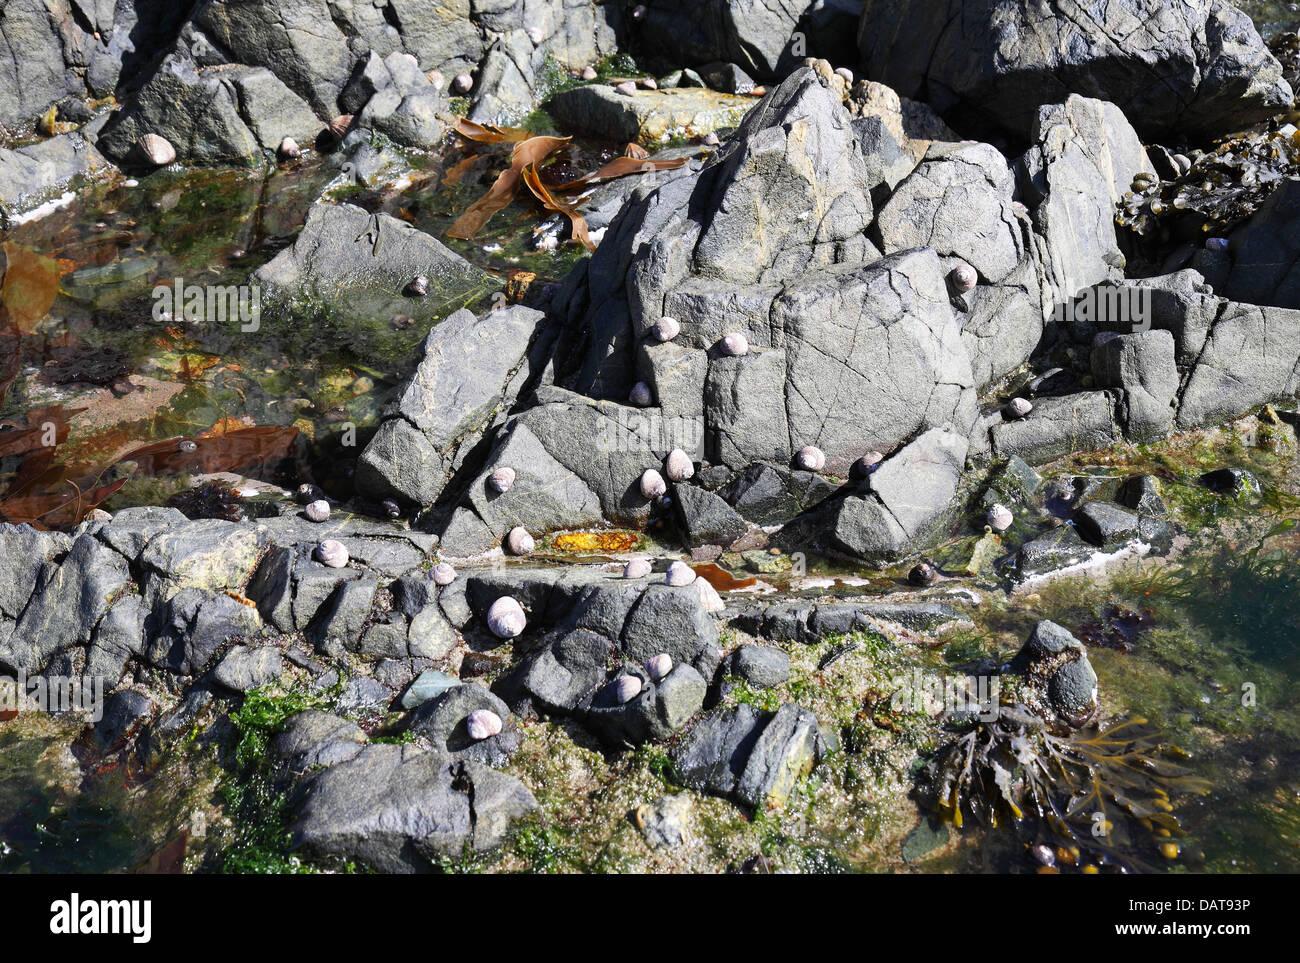 Rock côtière intérieure avec les patelles et les balanes accrochés aux rochers Photo Stock